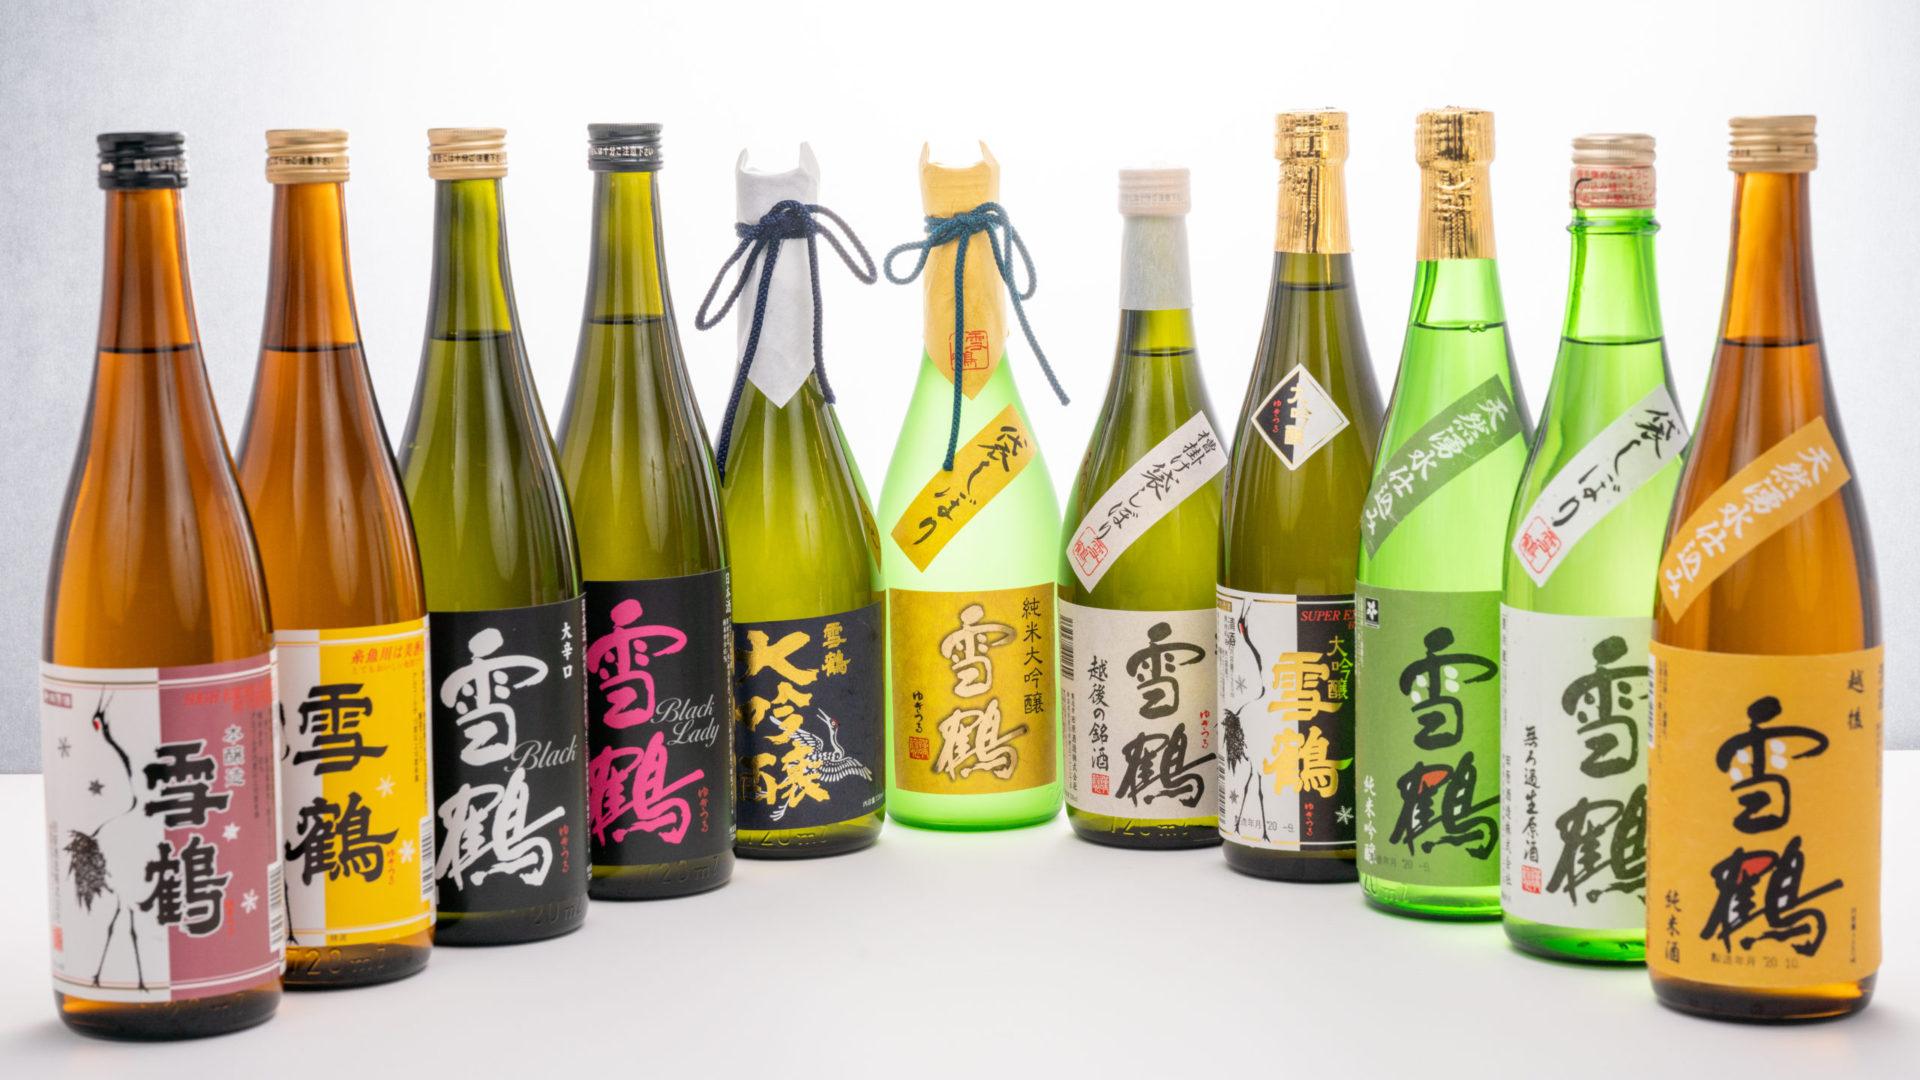 雪鶴(ゆきつる) | 田原酒造株式会社